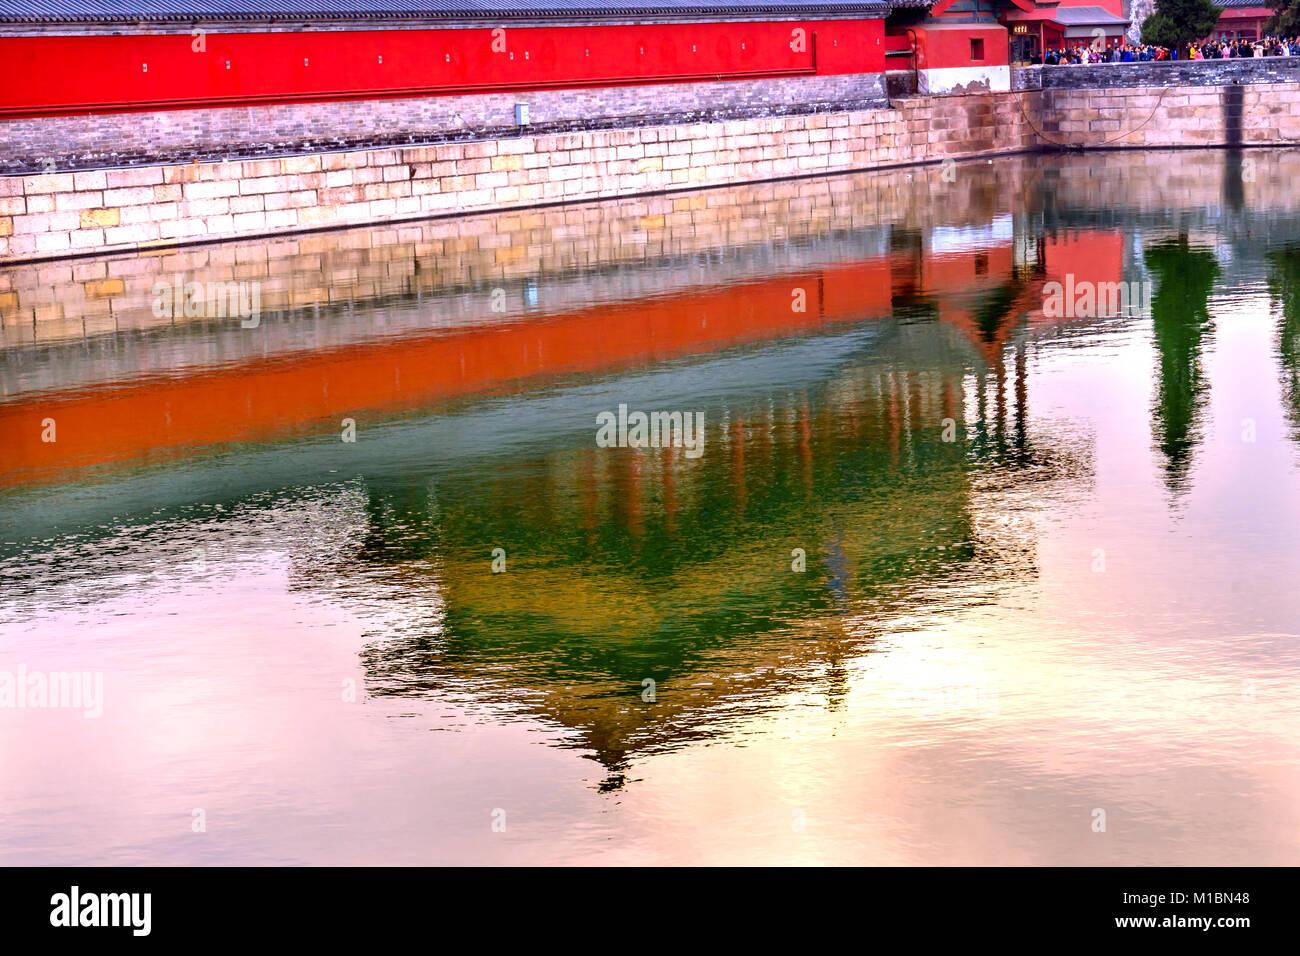 Hinteres Gatter Reflexion himmlische Reinheit Gugong Verbotene Stadt Graben Canal Plaace Wand Beijing China. Der Stockbild